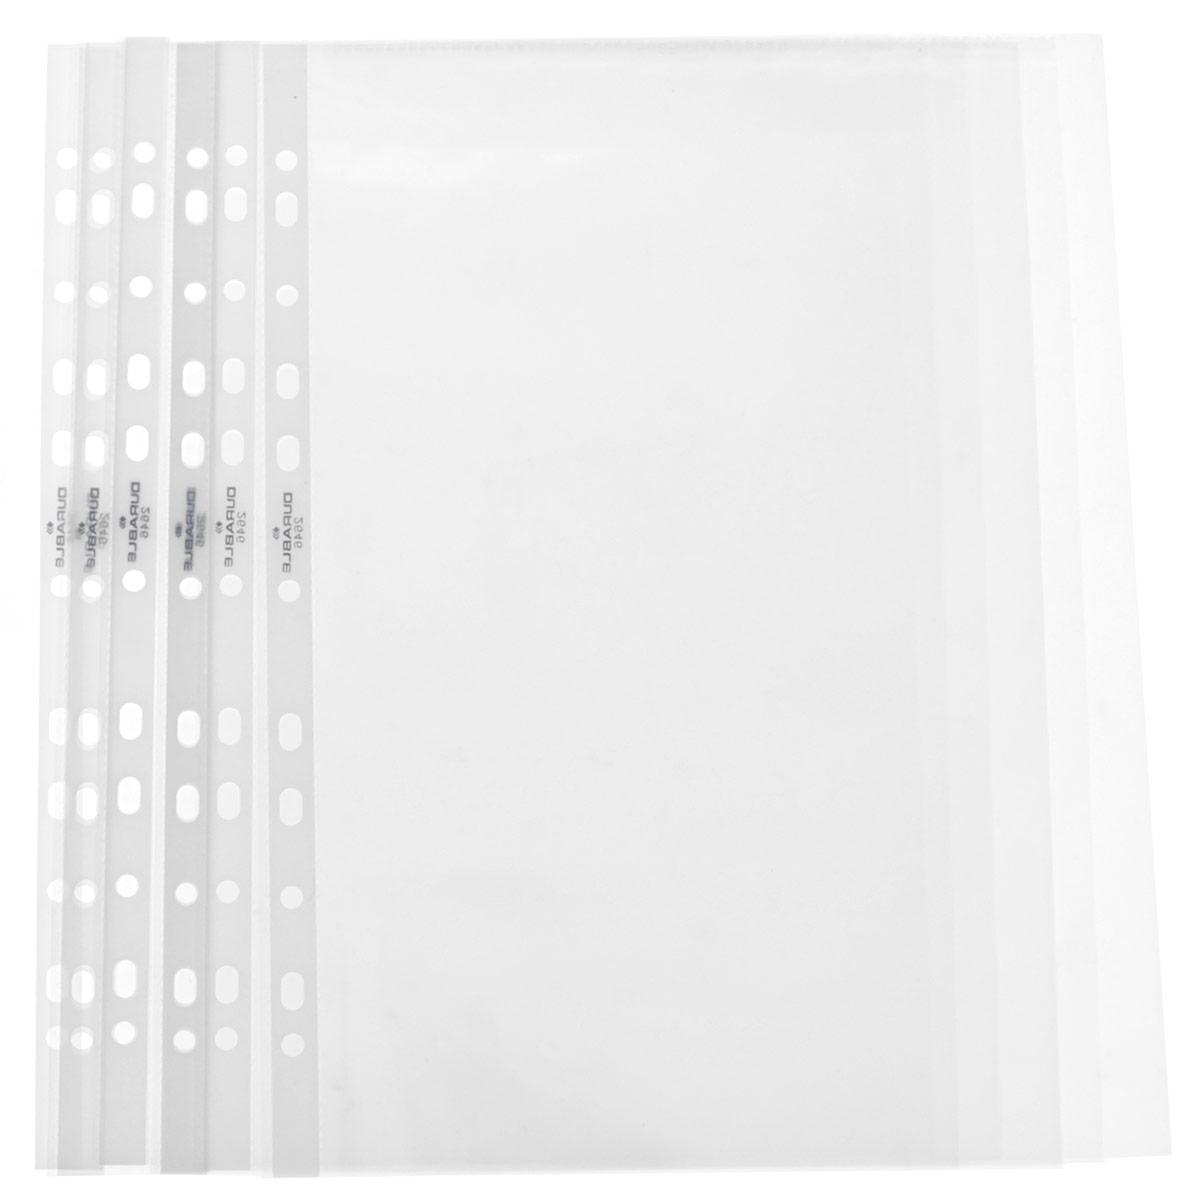 Durable Файл-вкладыш с перфорацией цвет прозрачный 10 шт 2646-19